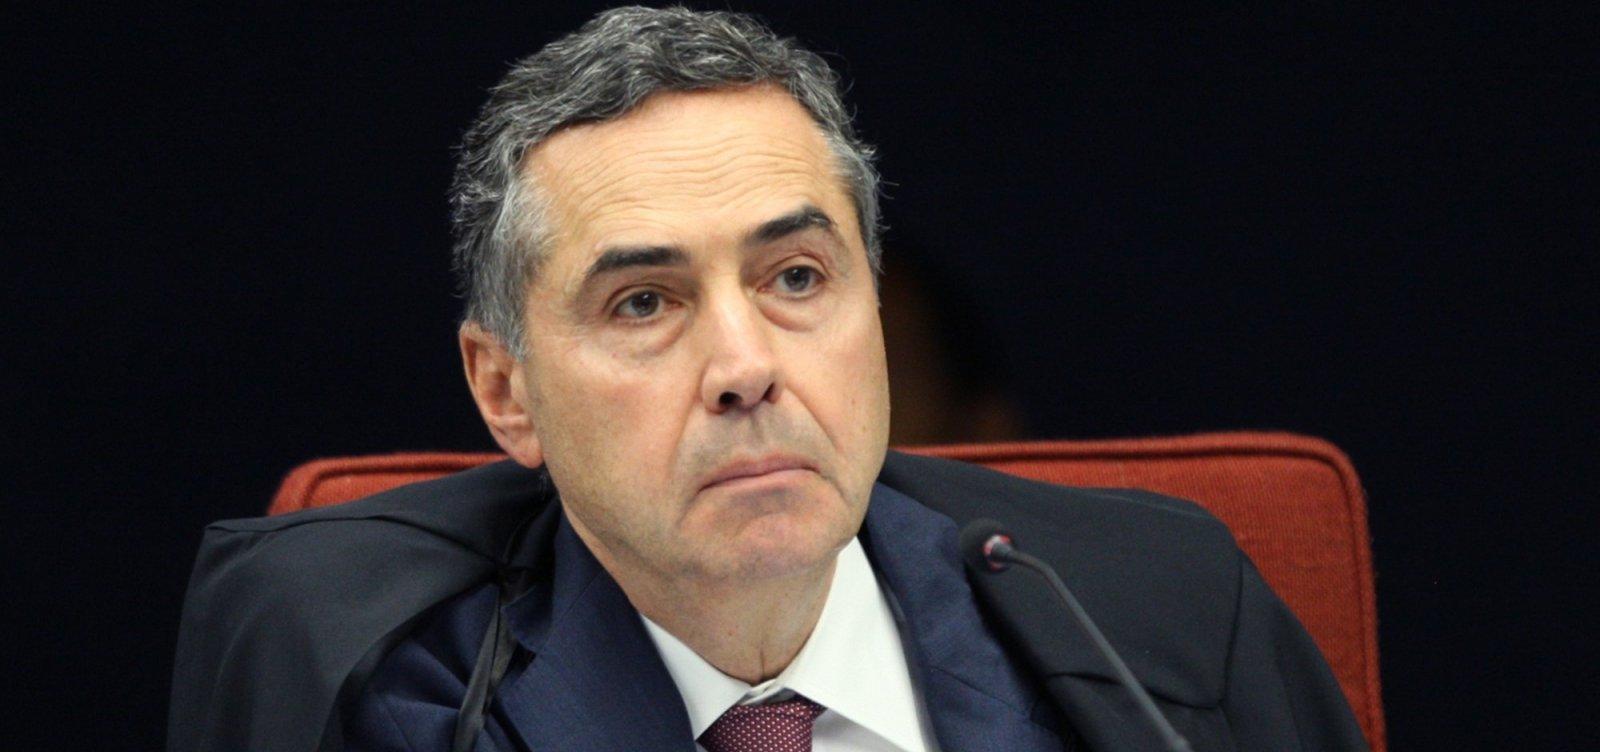 ['Onde houver riscos à democracia, o STF desempenhará seu papel', promete Barroso após voto]